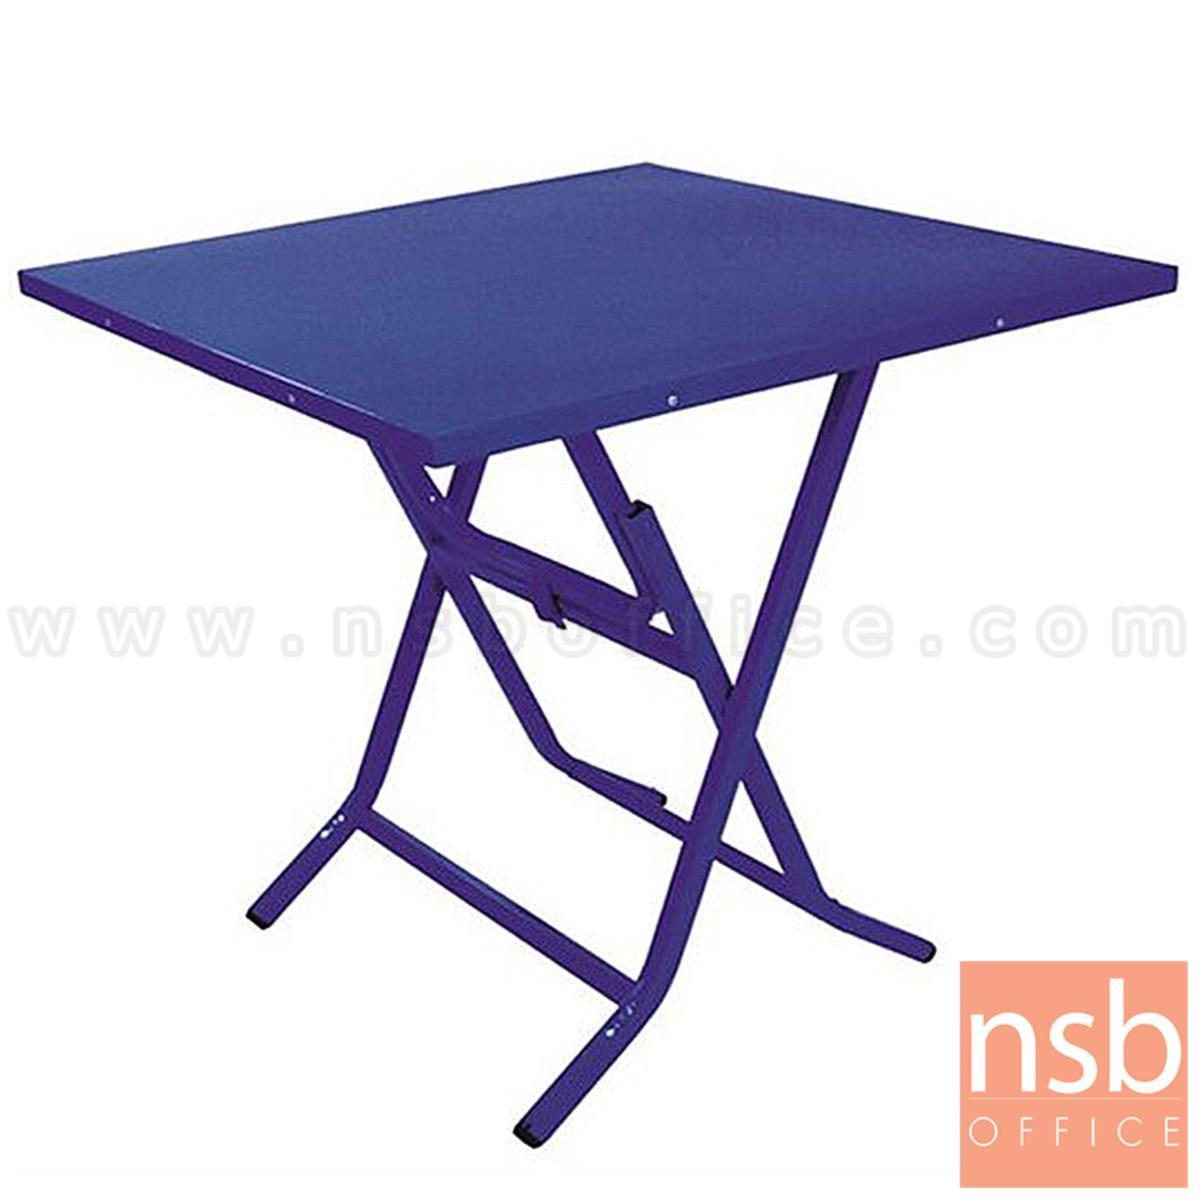 A08A014:โต๊ะพับหน้าเหล็ก รุ่น Adolf (อดอล์ฟ) ขนาด 70W cm. โครงขาเหล็กหลี่ยม หนาพิเศษ